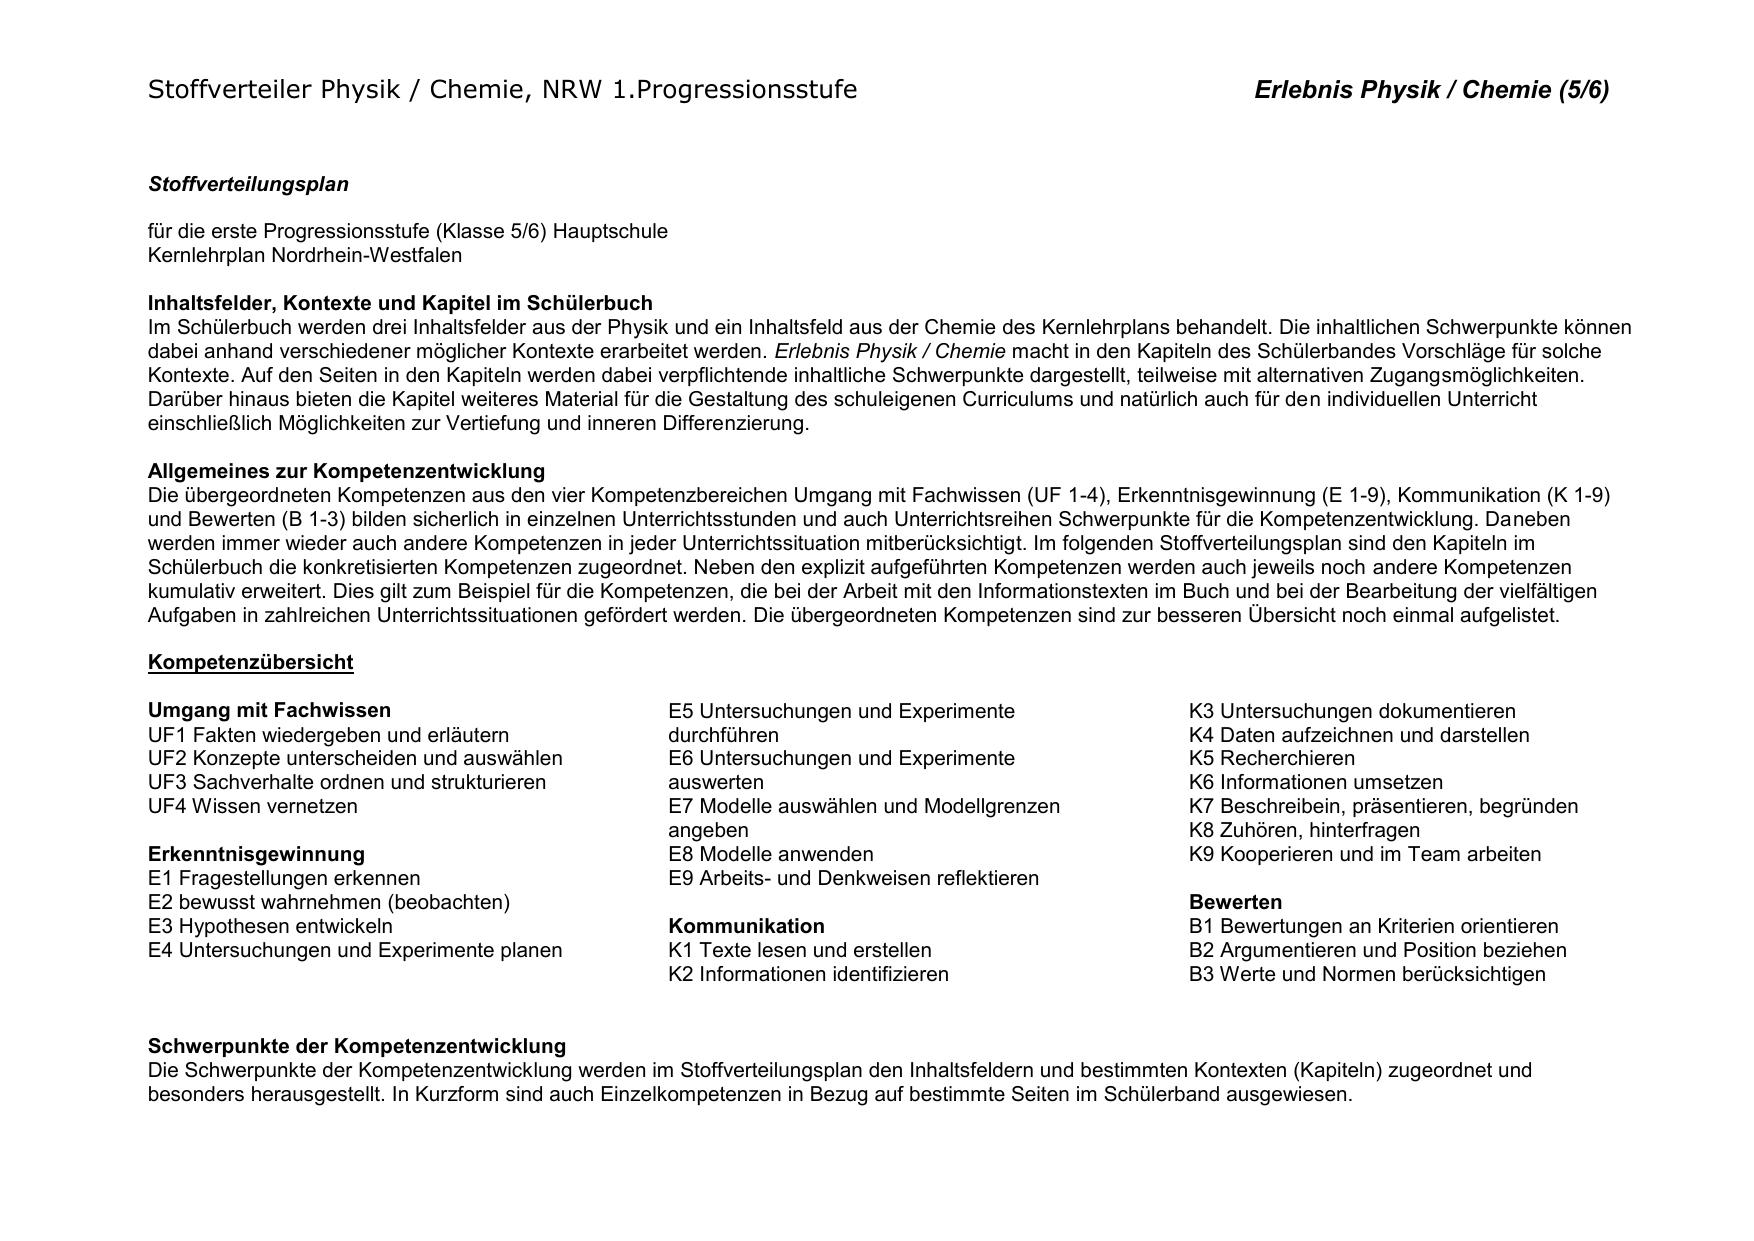 Erlebnis Physik (5/6) - Schulbuchzentrum Online